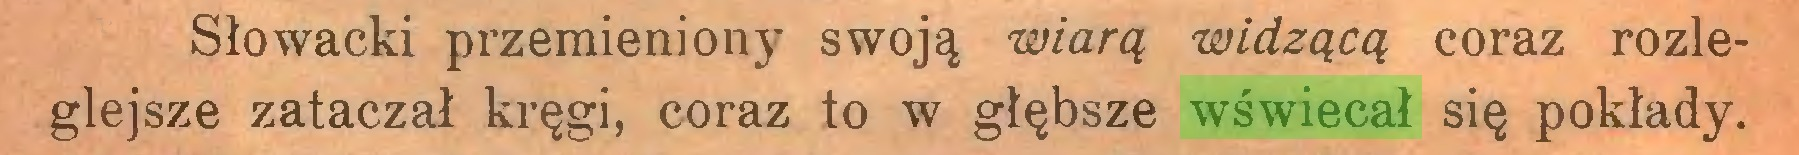 (...) Słowacki przemieniony swoją wiarą widzącą coraz rozleglejsze zataczał kręgi, coraz to w głębsze wświecał się pokłady...